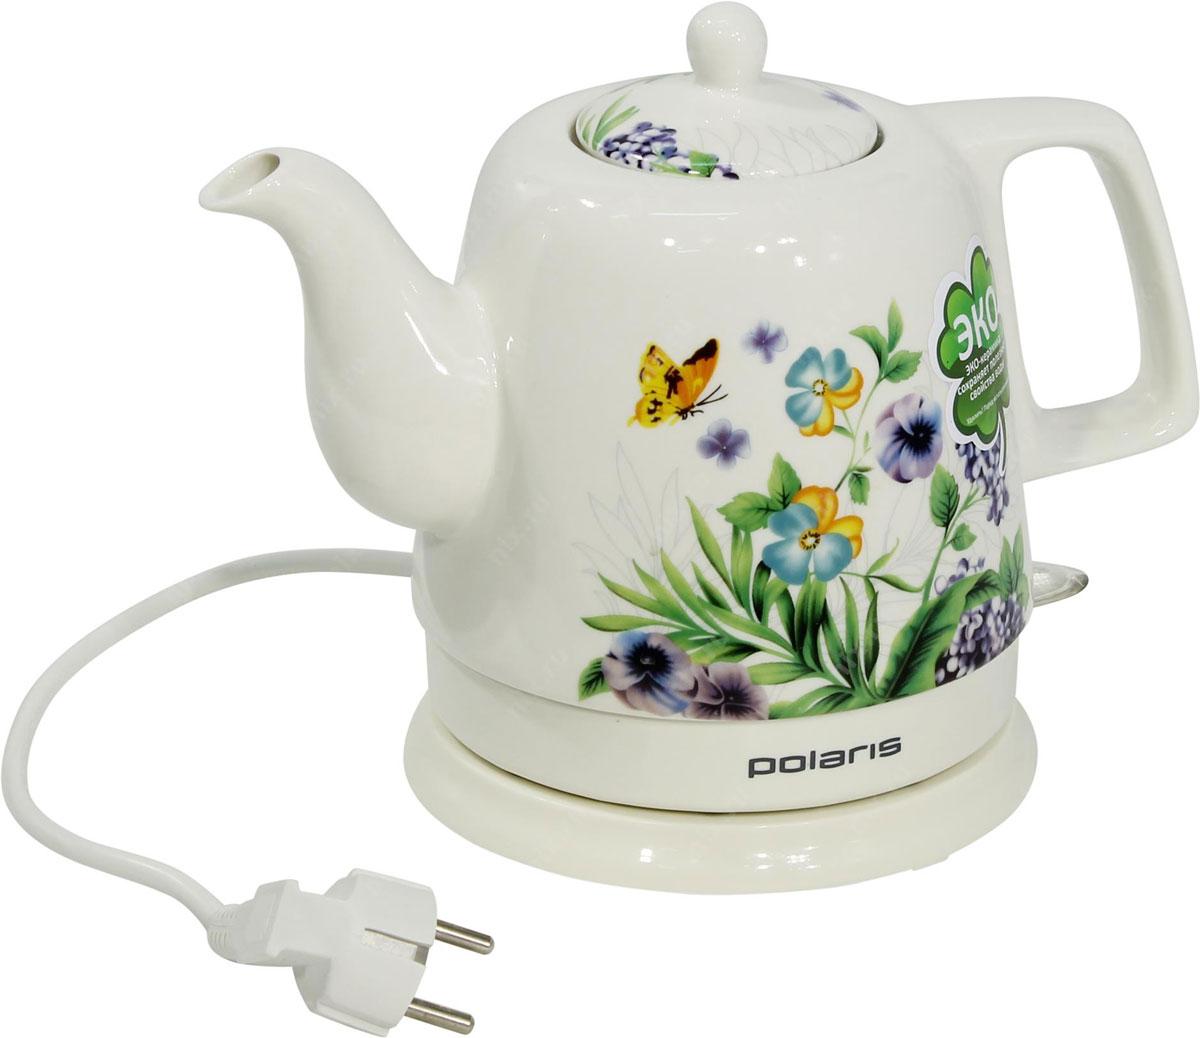 Polaris PWK 1299CCR Весна электрический чайникPWK 1299CCR_белыйPolaris PWK 1299CCR Весна - это керамический электрочайник с ярким дизайном. Корпус чайника декорирован эмалевой росписью с рисунком. Такой необычный подарок станет центром посиделок в кругу семьи.Корпус чайника выполнен из экологически чистой керамики, которая сохраняет полезные и вкусовые качества воды. Благодаря природным свойствам керамики кипяток дольше остается горячим.Данная модель оснащена встроенным скрытым нагревательным элементом. Это снижает образование накипи и упрощает очистку, продлевая тем самым срок службы чайника. Новинка оснащена автоматическим и ручным выключателем, индикаторной лампочкой и отсеком для хранения шнура. Прибор вращается на круглой подставке - базе на 360 градусов, поэтому вы без труда сможете повернуть его в любую сторону.